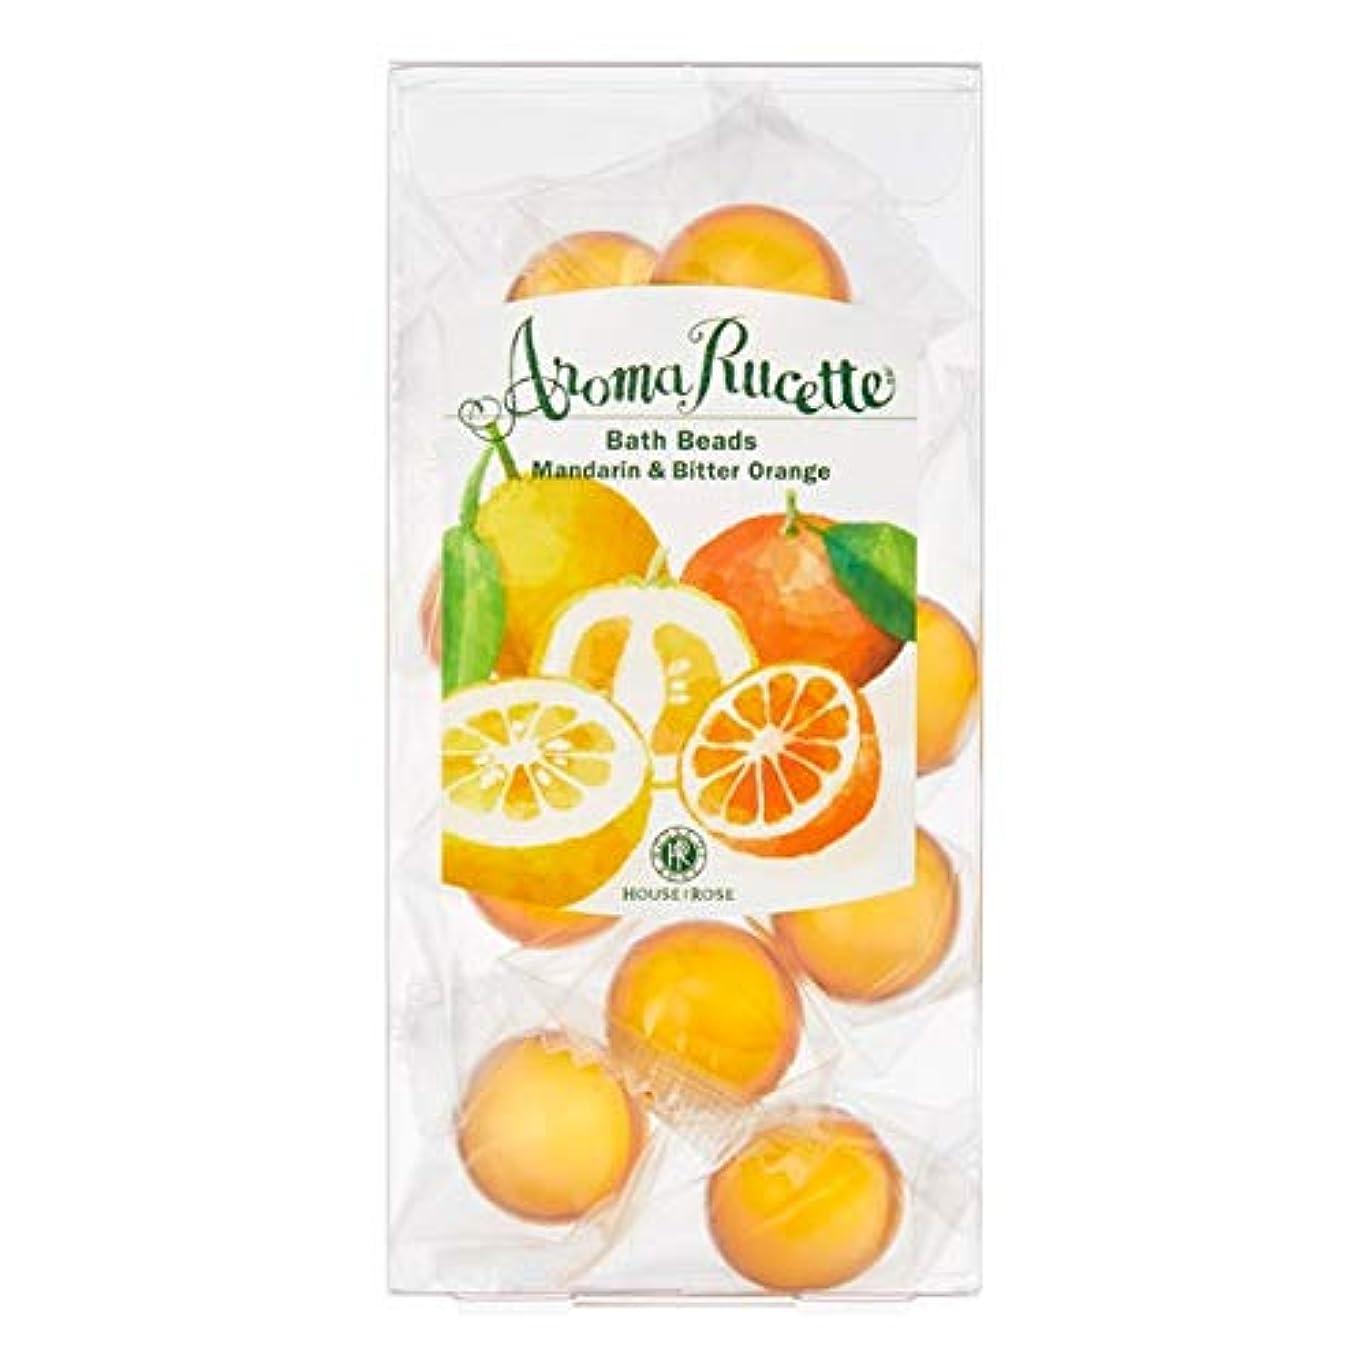 なすシャベル純度HOUSE OF ROSE(ハウスオブローゼ) ハウスオブローゼ/アロマルセット バスビーズ MD&BO(マンダリン&ビターオレンジの香り) 7g×11個